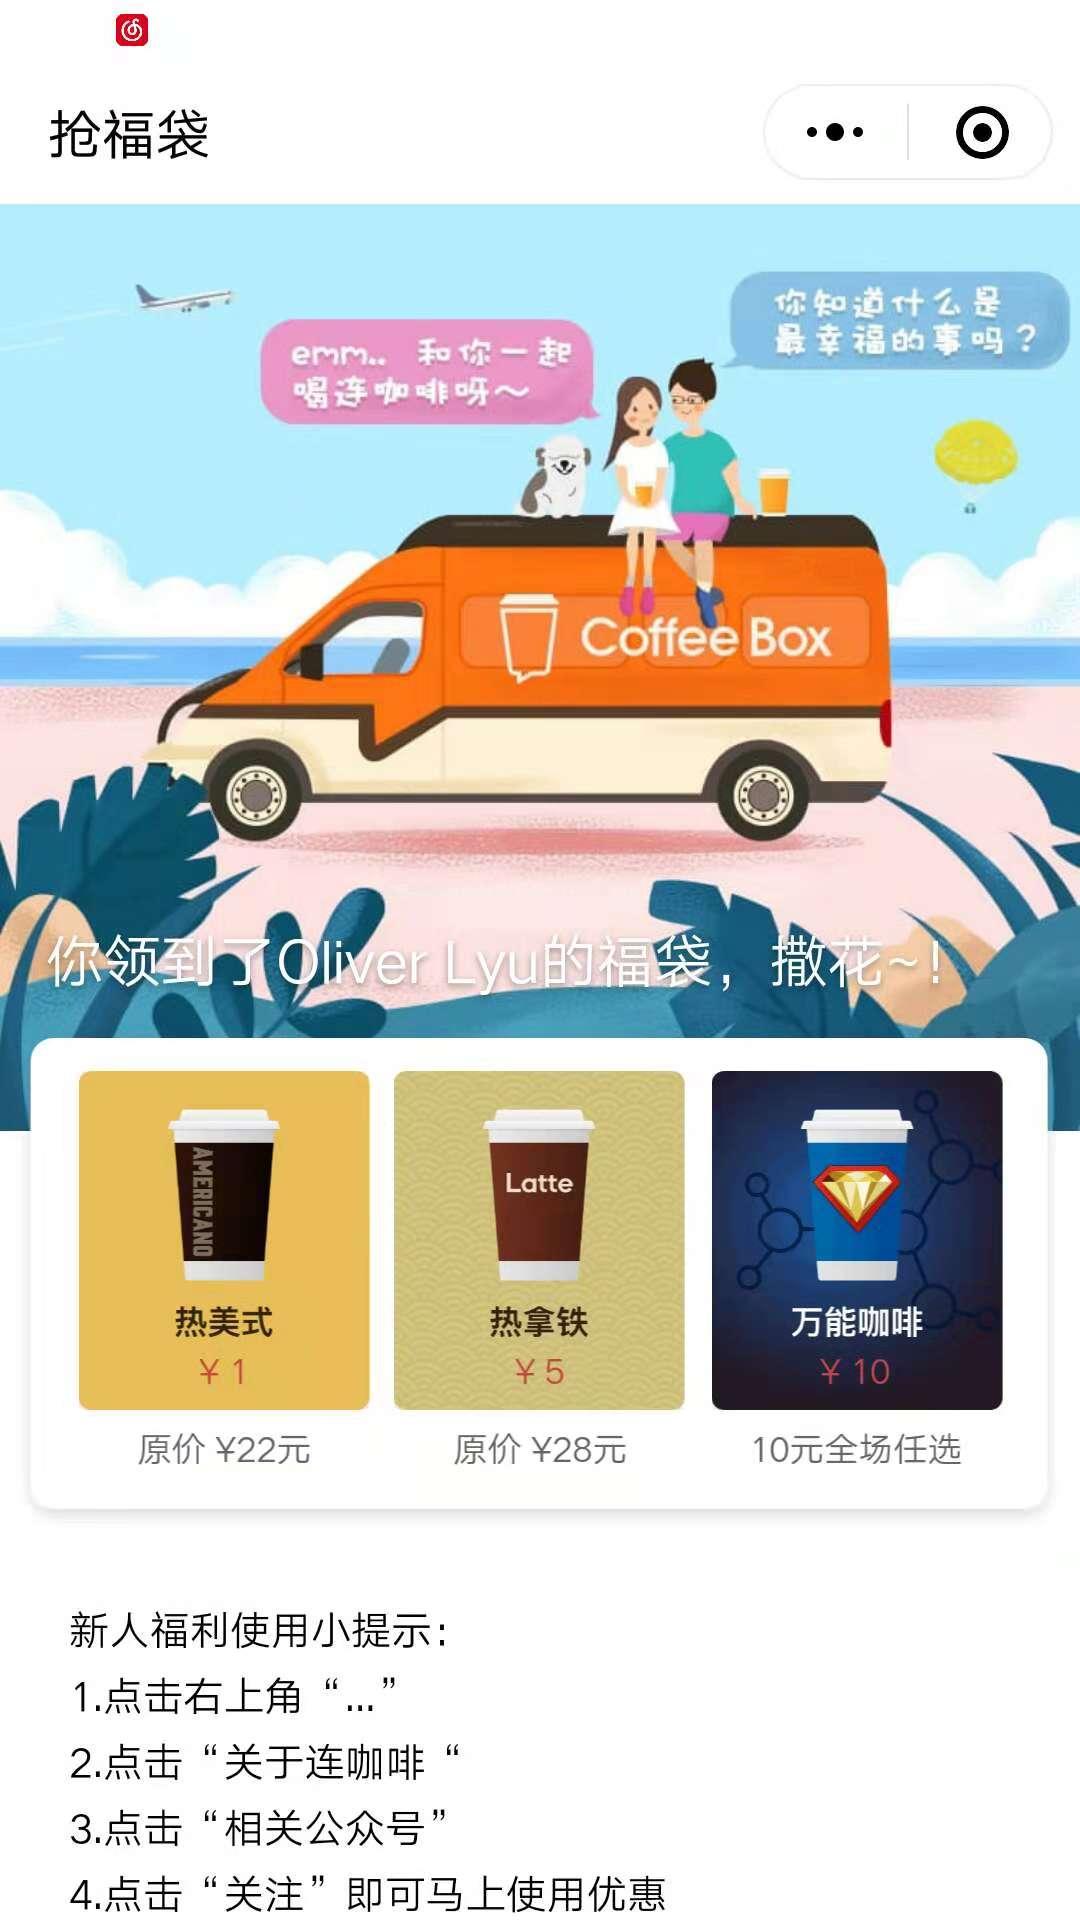 连咖啡是如何靠微信裂变实现用户疯狂增长?